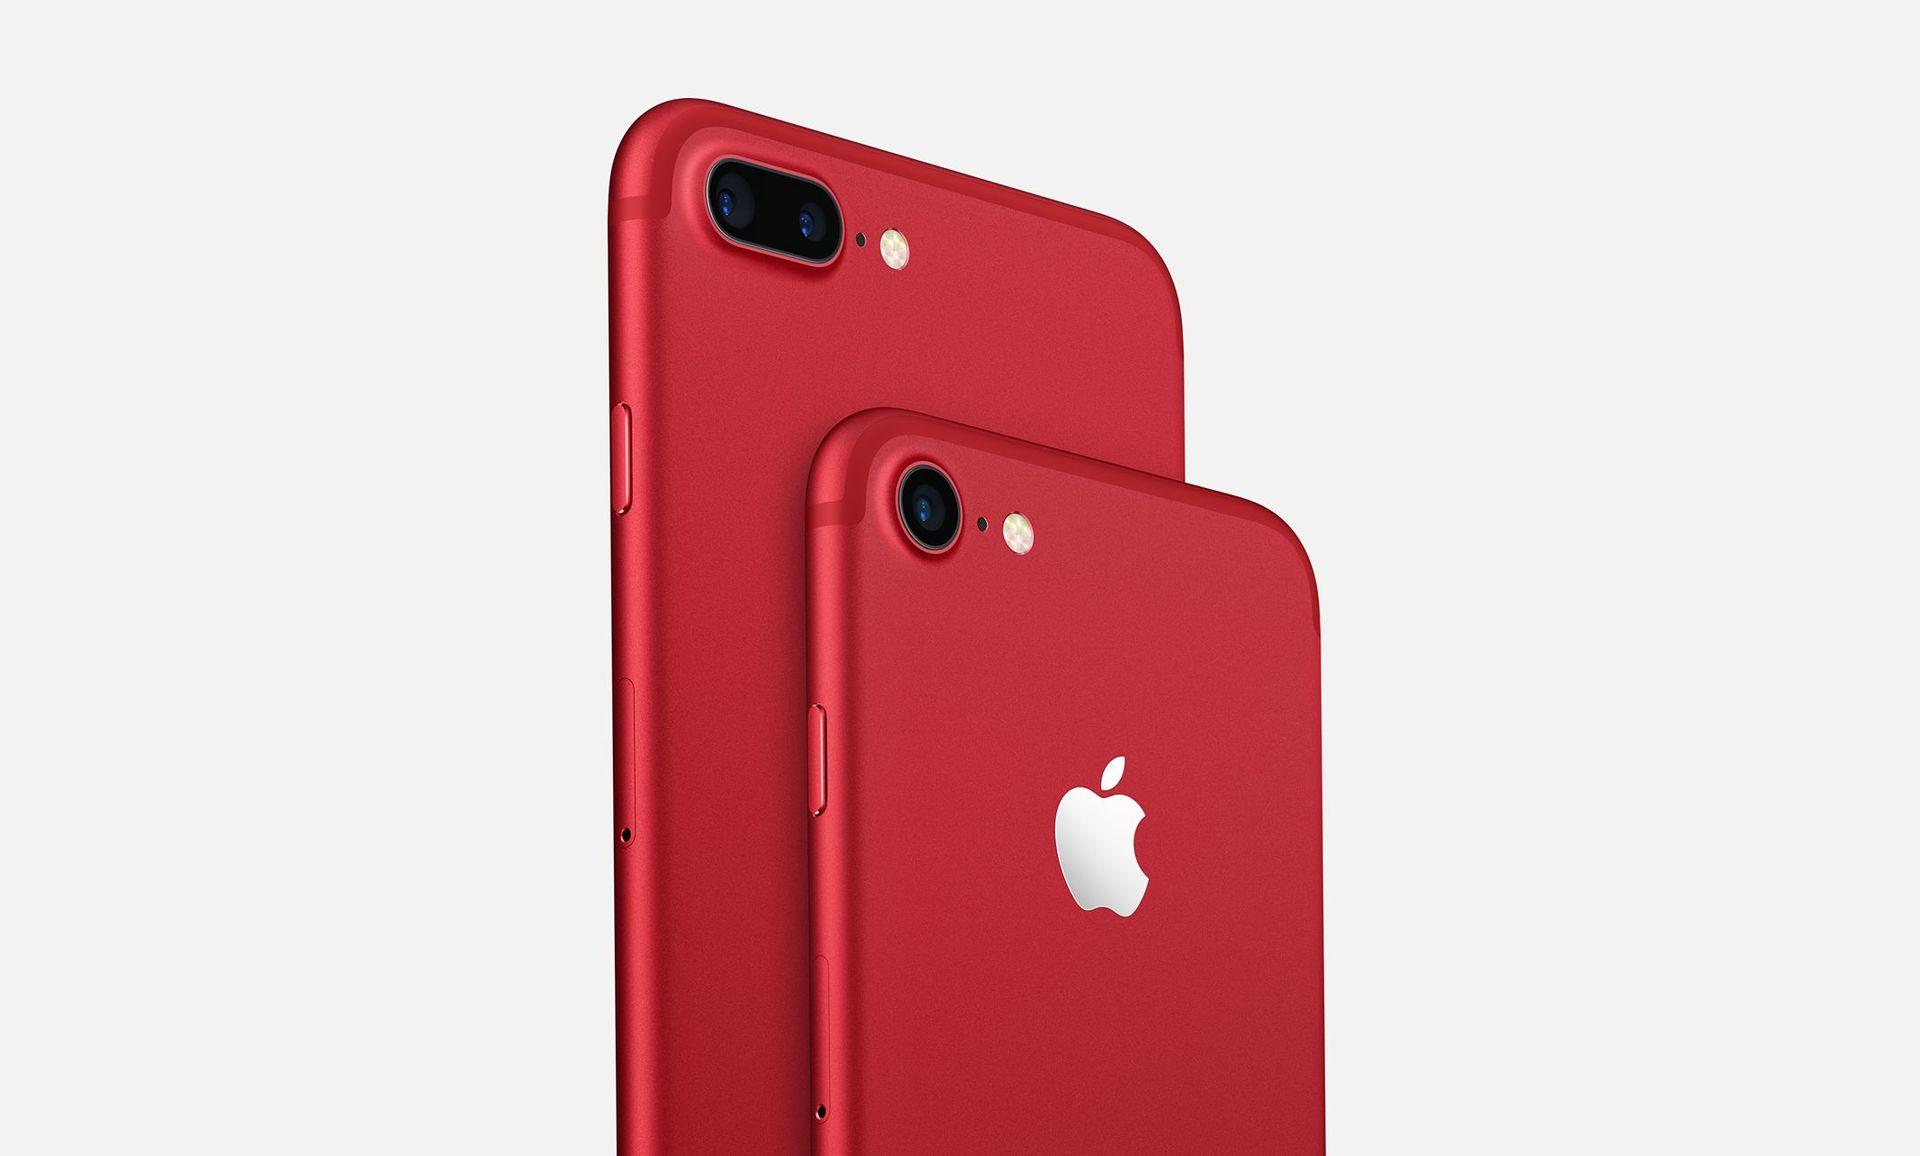 Новый iPad, красный iPhone. Пора обновляться? - 3